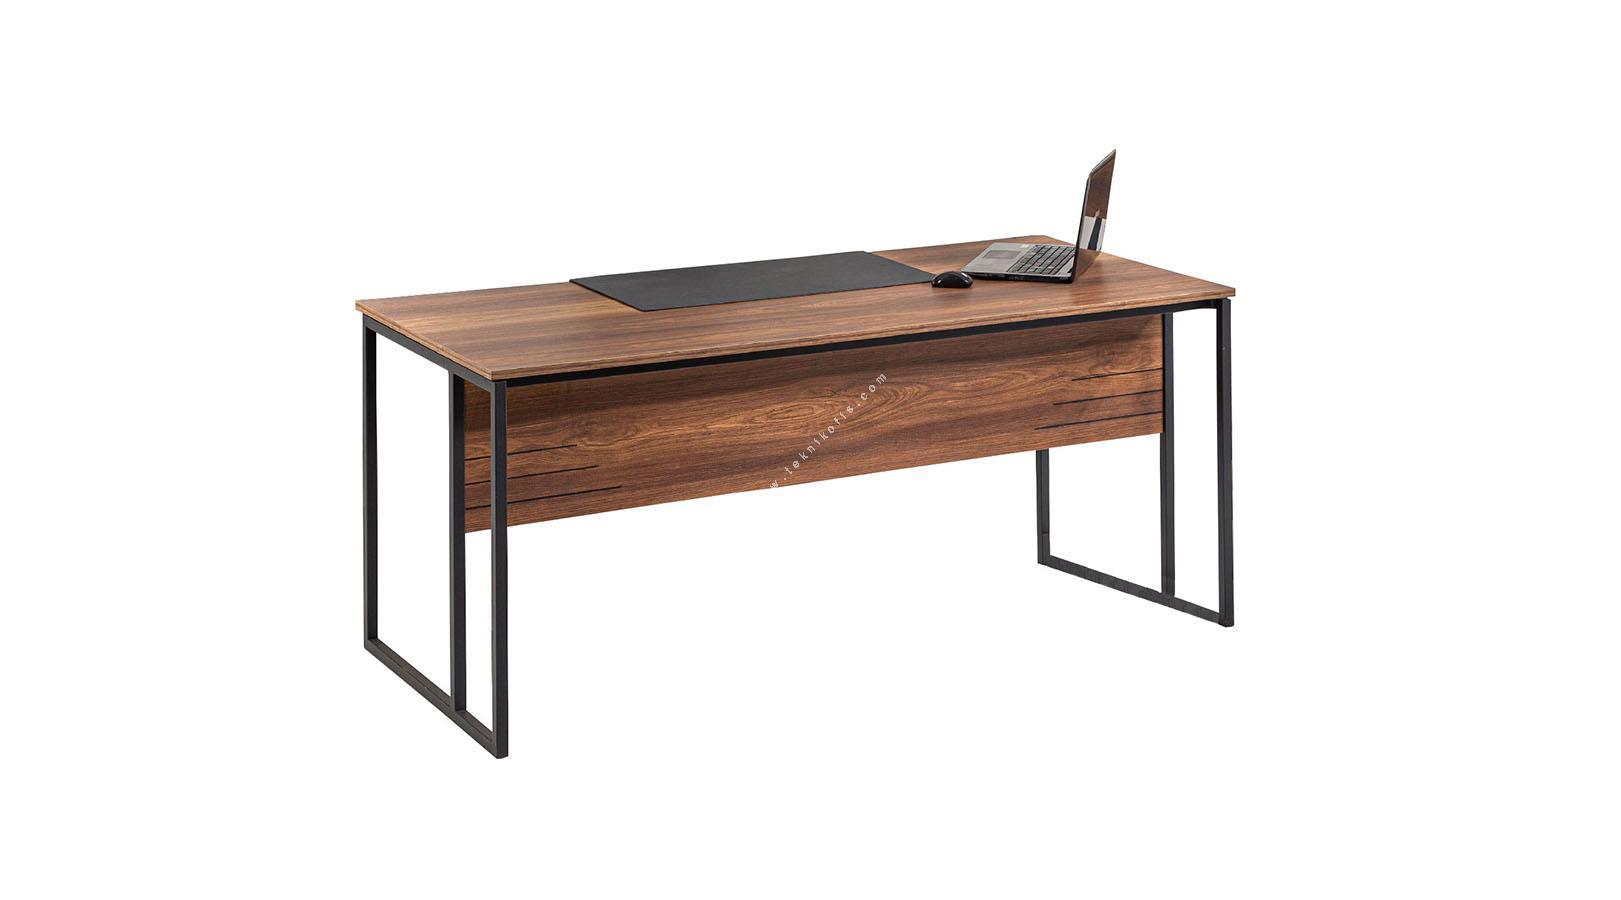 trelos metal ayaklı yönetici masası 180cm